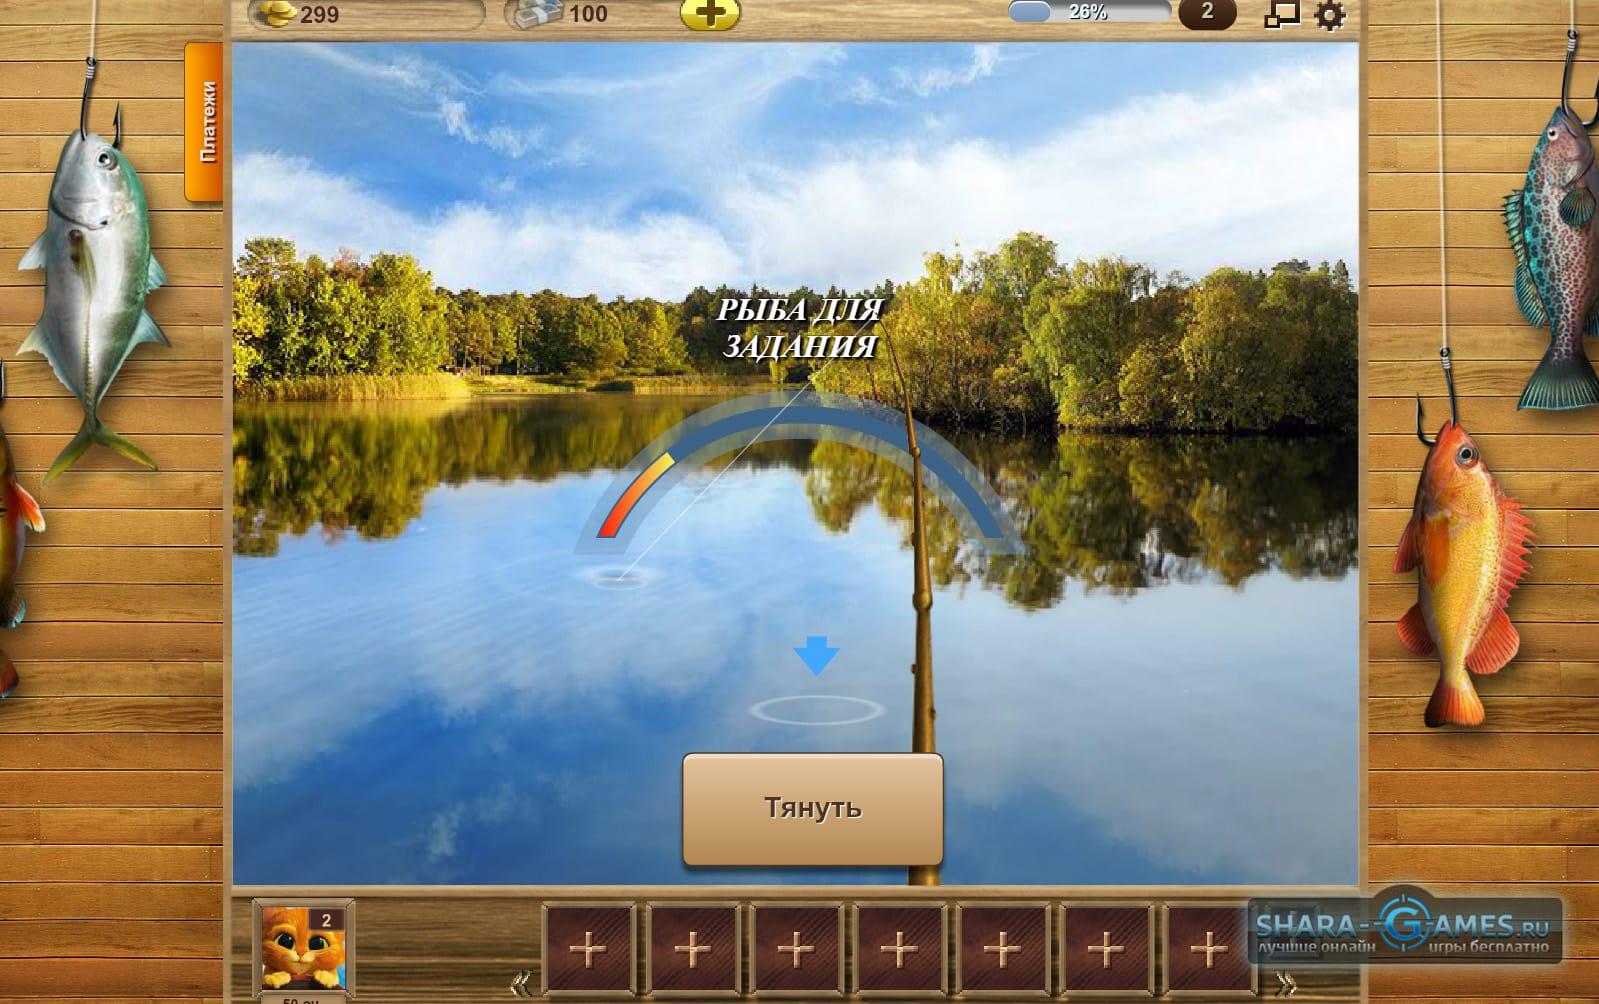 играть бесплатно на рыбалку мой мир